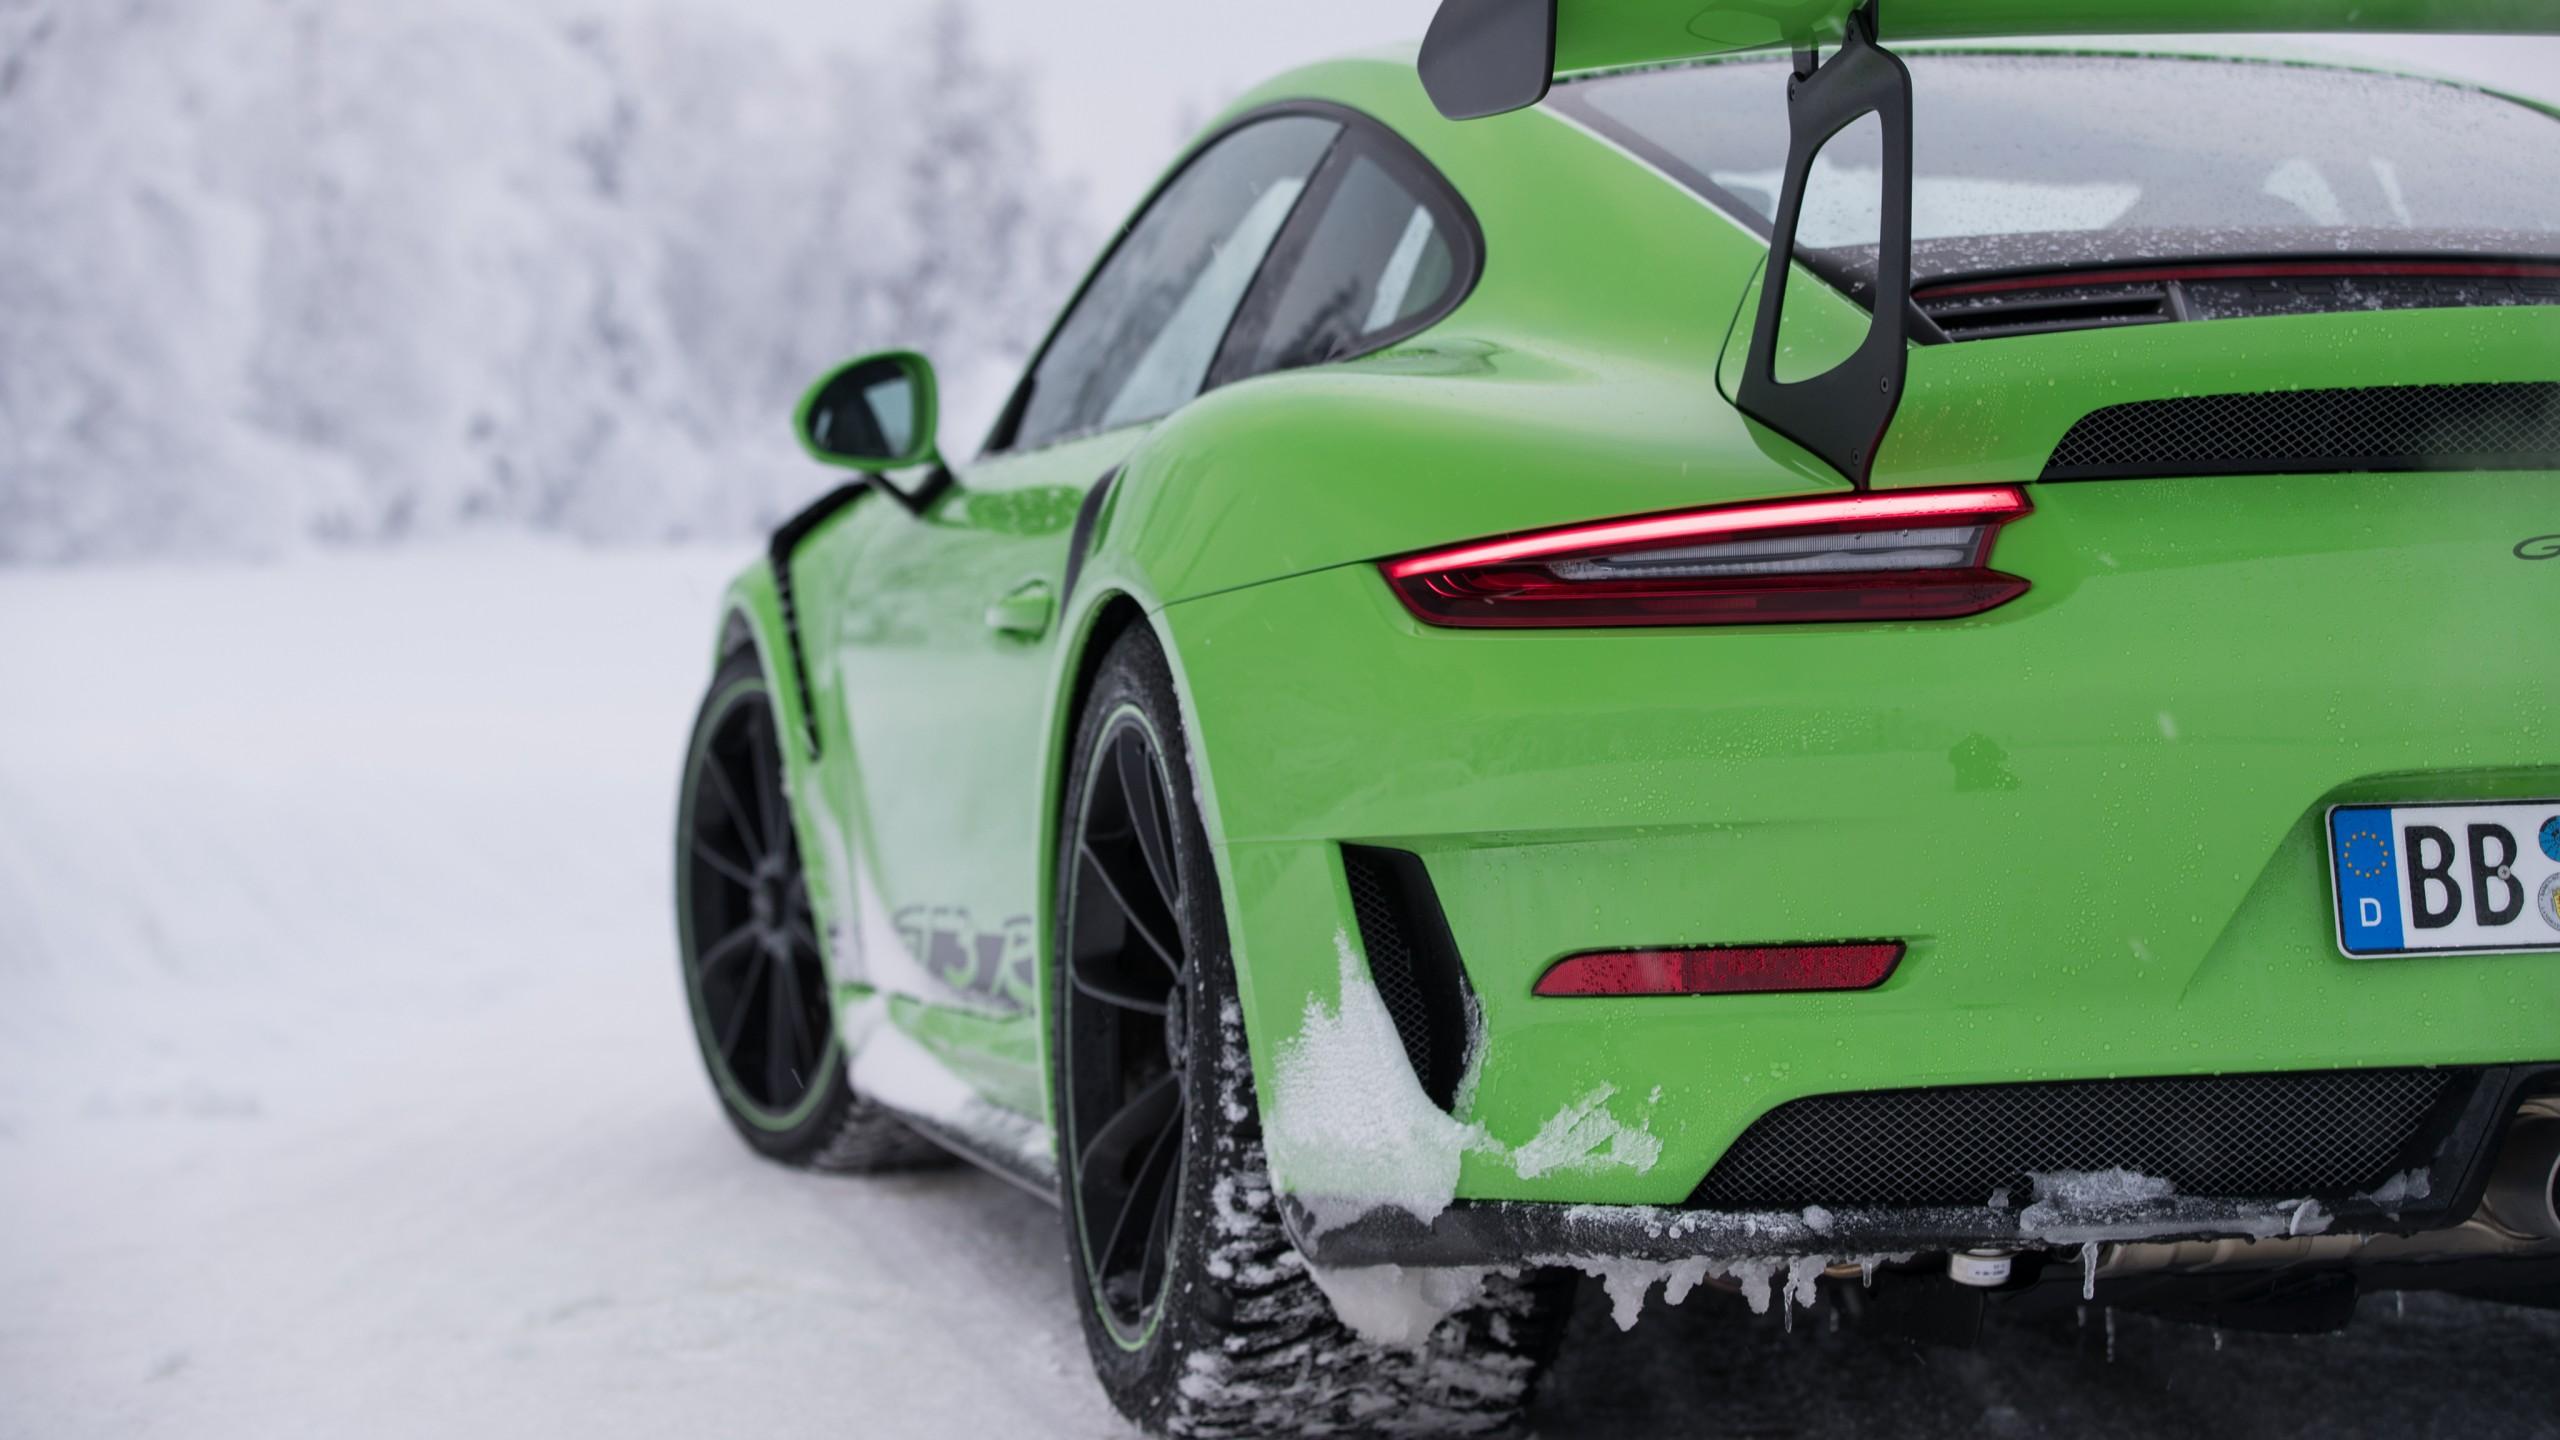 Porsche Gt3 Rs Blue 1920 X 1080: 2018 Porsche 911 GT3 RS 4K 2 Wallpaper